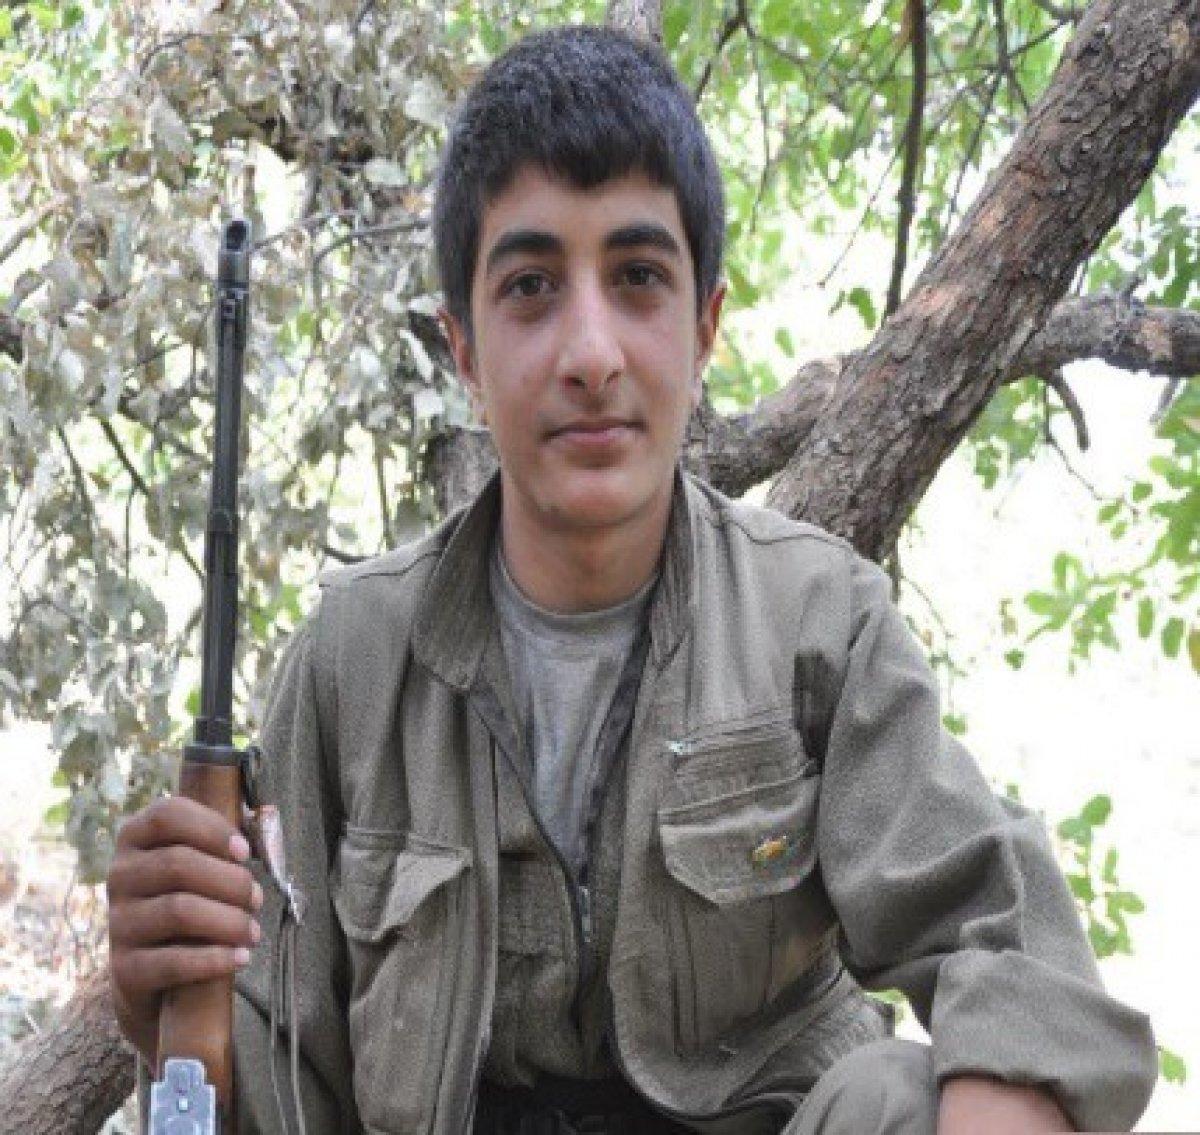 MİT, Irak ın kuzeyinde 2 teröristi etkisiz hale getirdi #2